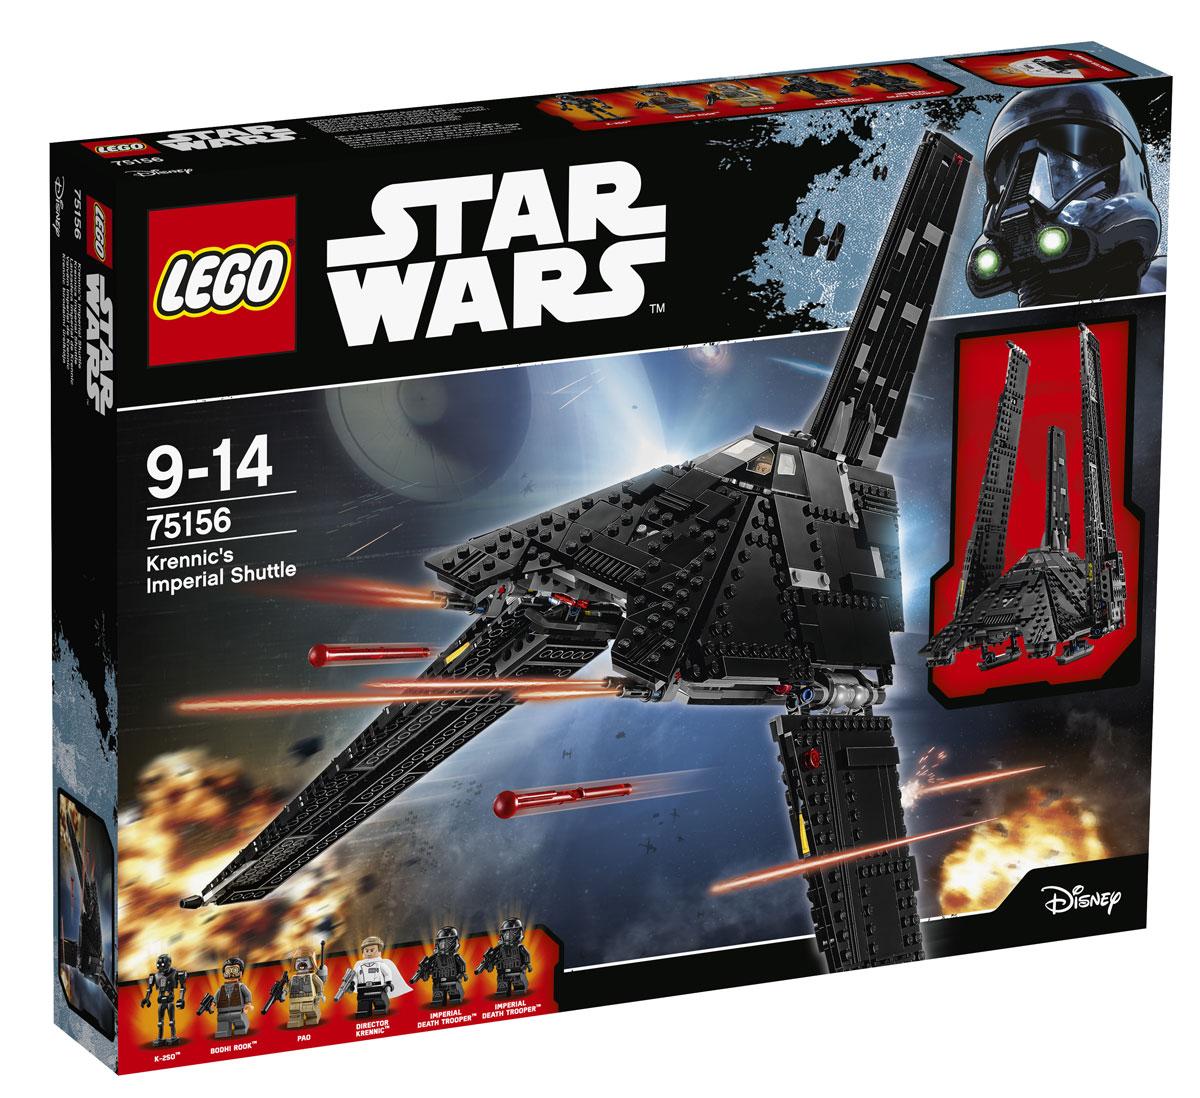 LEGO Star Wars Конструктор Имперский шаттл Кренника 7515675156Нужно надежное транспортное судно? Имперский шаттл Кренника отлично справится с этой ролью. Посадите пилота в кресло, откройте бронированный шлюз и загрузите Штурмовиков смерти. Опустите пандус и проверьте надежность крепления бластеров, затем зарядите пружинные пушки и приготовьтесь к взлету. Уберите шасси, опустите крылья и отправляйтесь выполнять новую опасную миссию! Набор включает в себя 863 пластиковых элемента. Конструктор - это один из самых увлекательных и веселых способов времяпрепровождения. Ребенок сможет часами играть с конструктором, придумывая различные ситуации и истории.